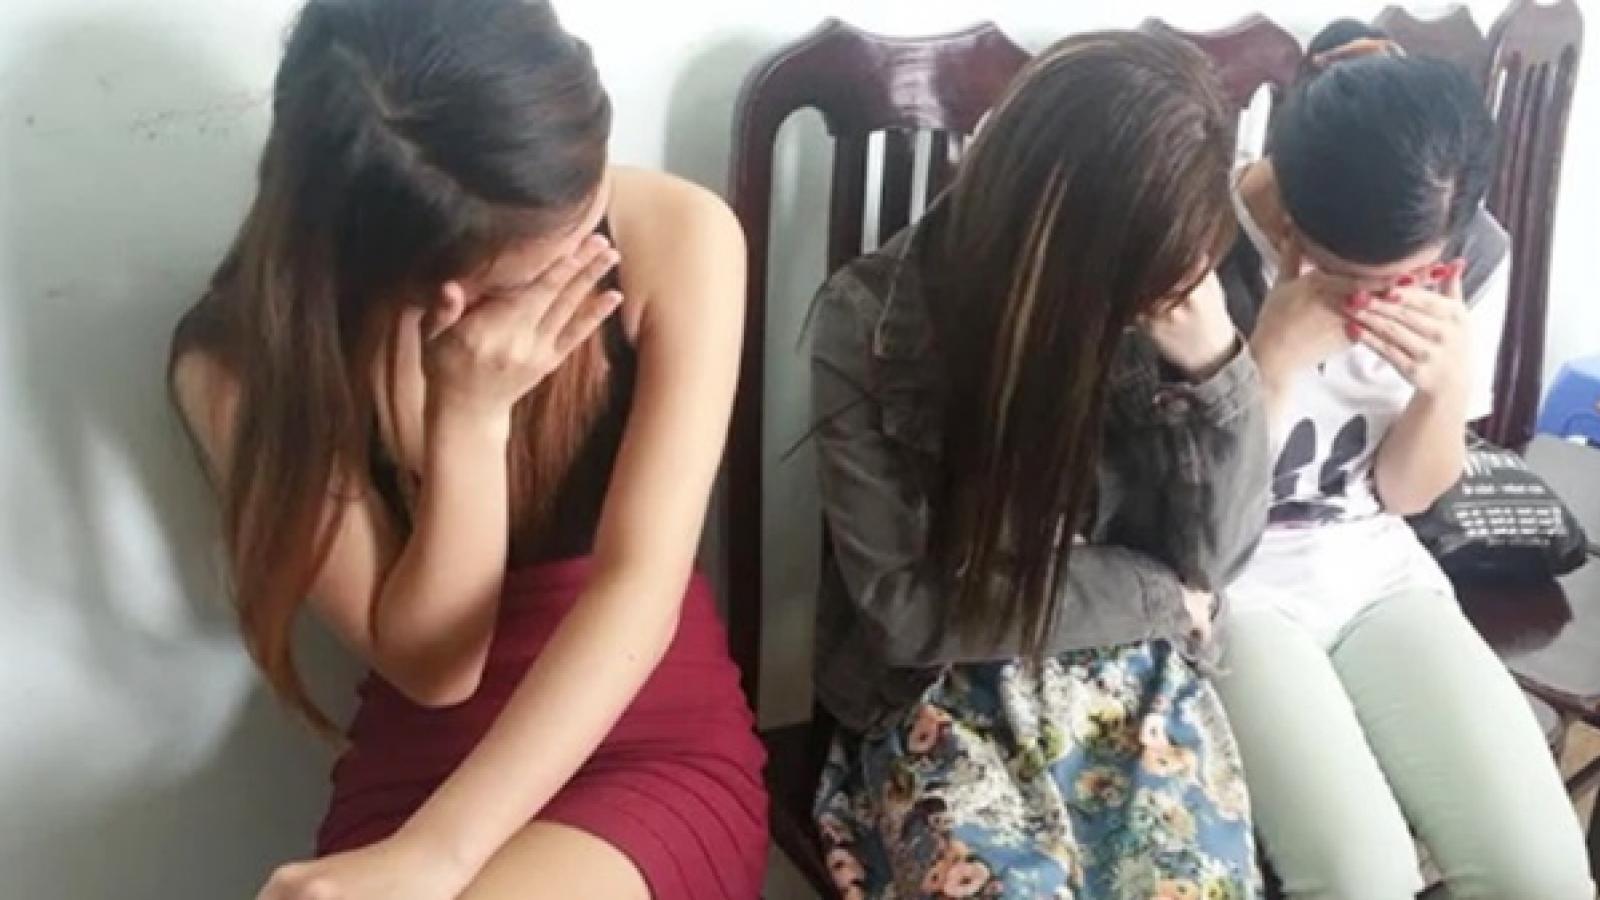 Mua dâm thiếu nữ dưới 16 tuổi, hai gã đàn ông bị truy tố